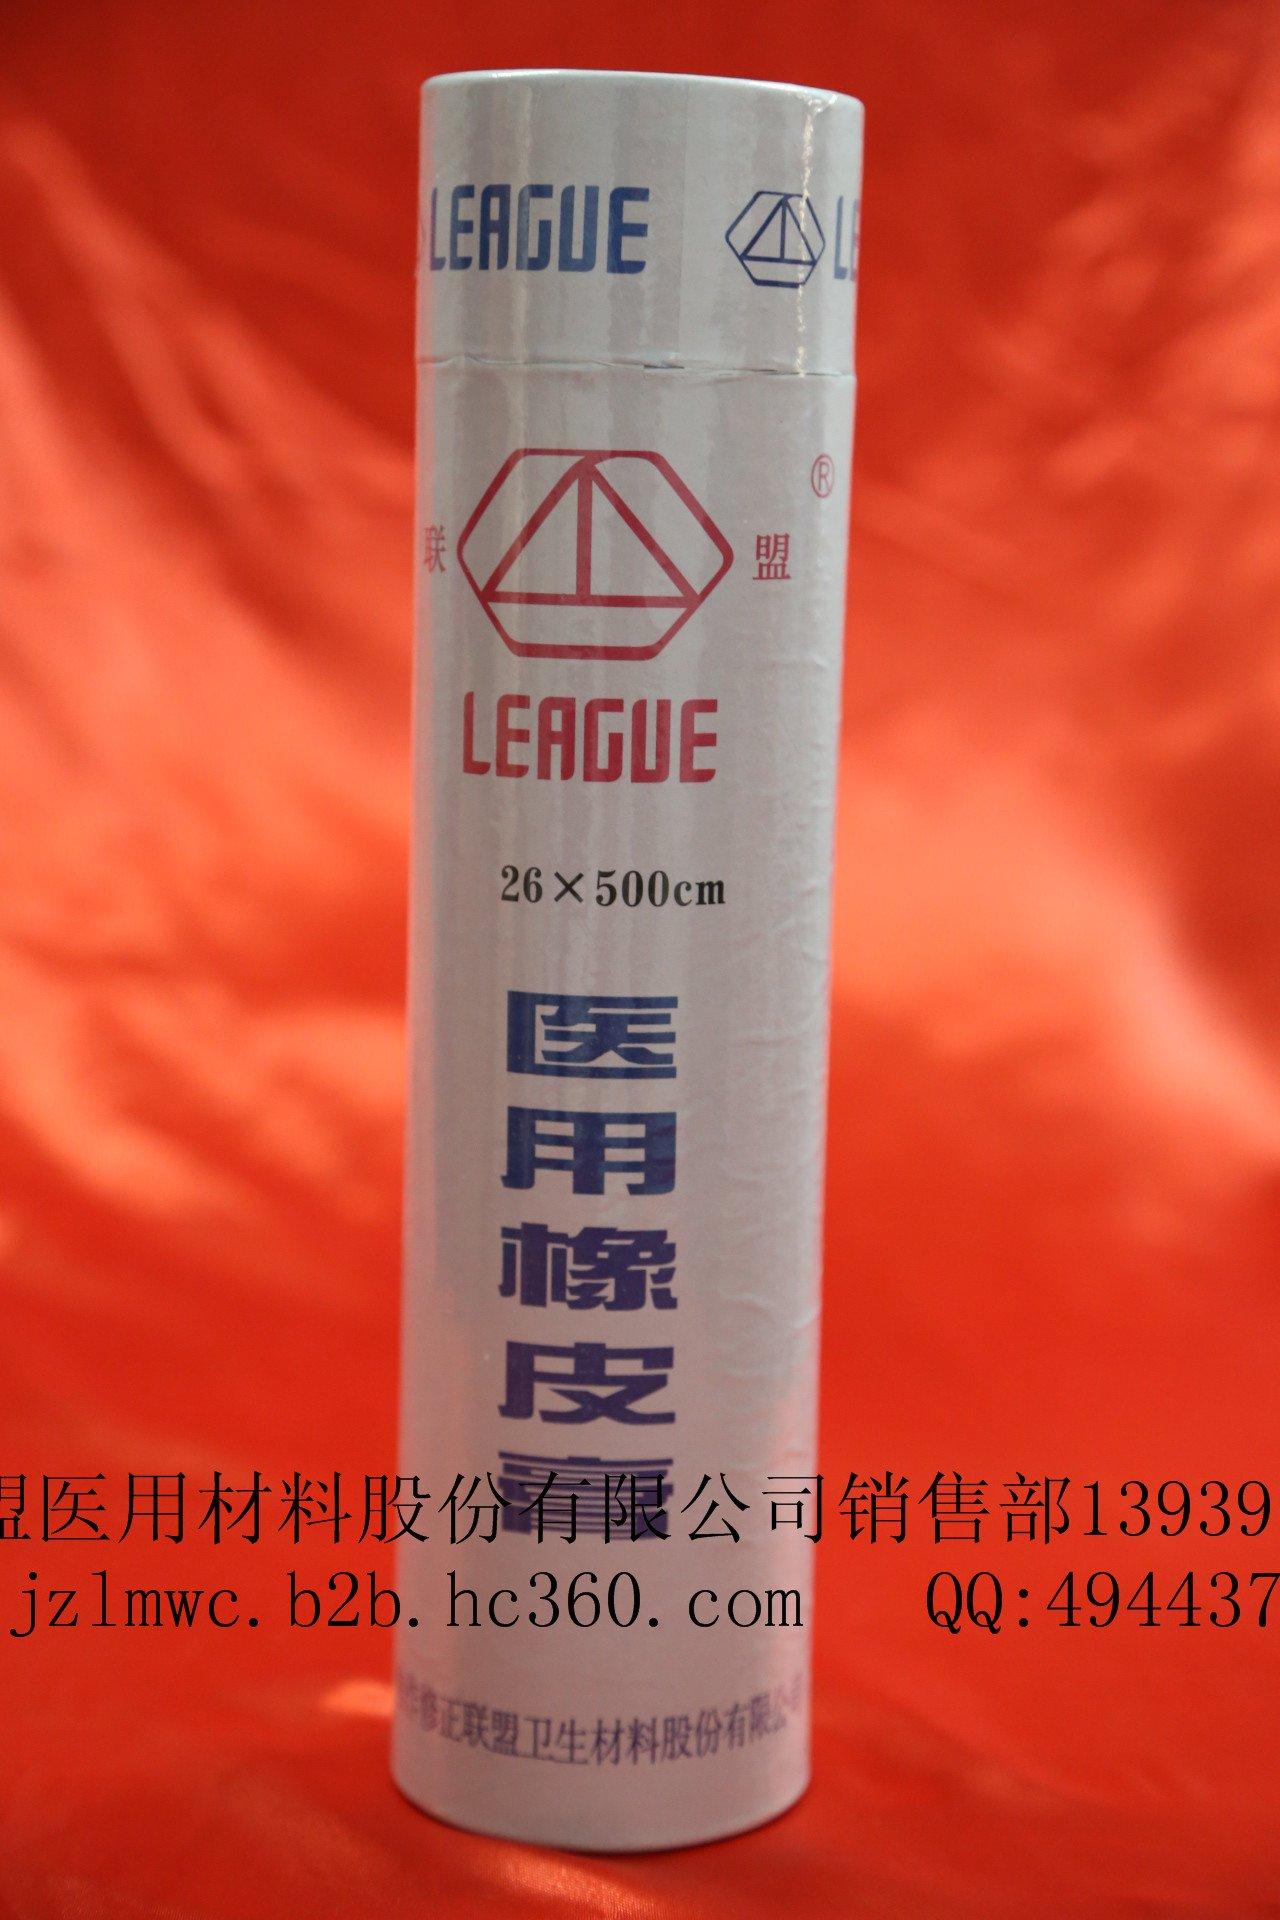 医用纱布橡皮膏胶带类输液胶带输液胶带药棉无菌敷贴留置针贴等 (63)